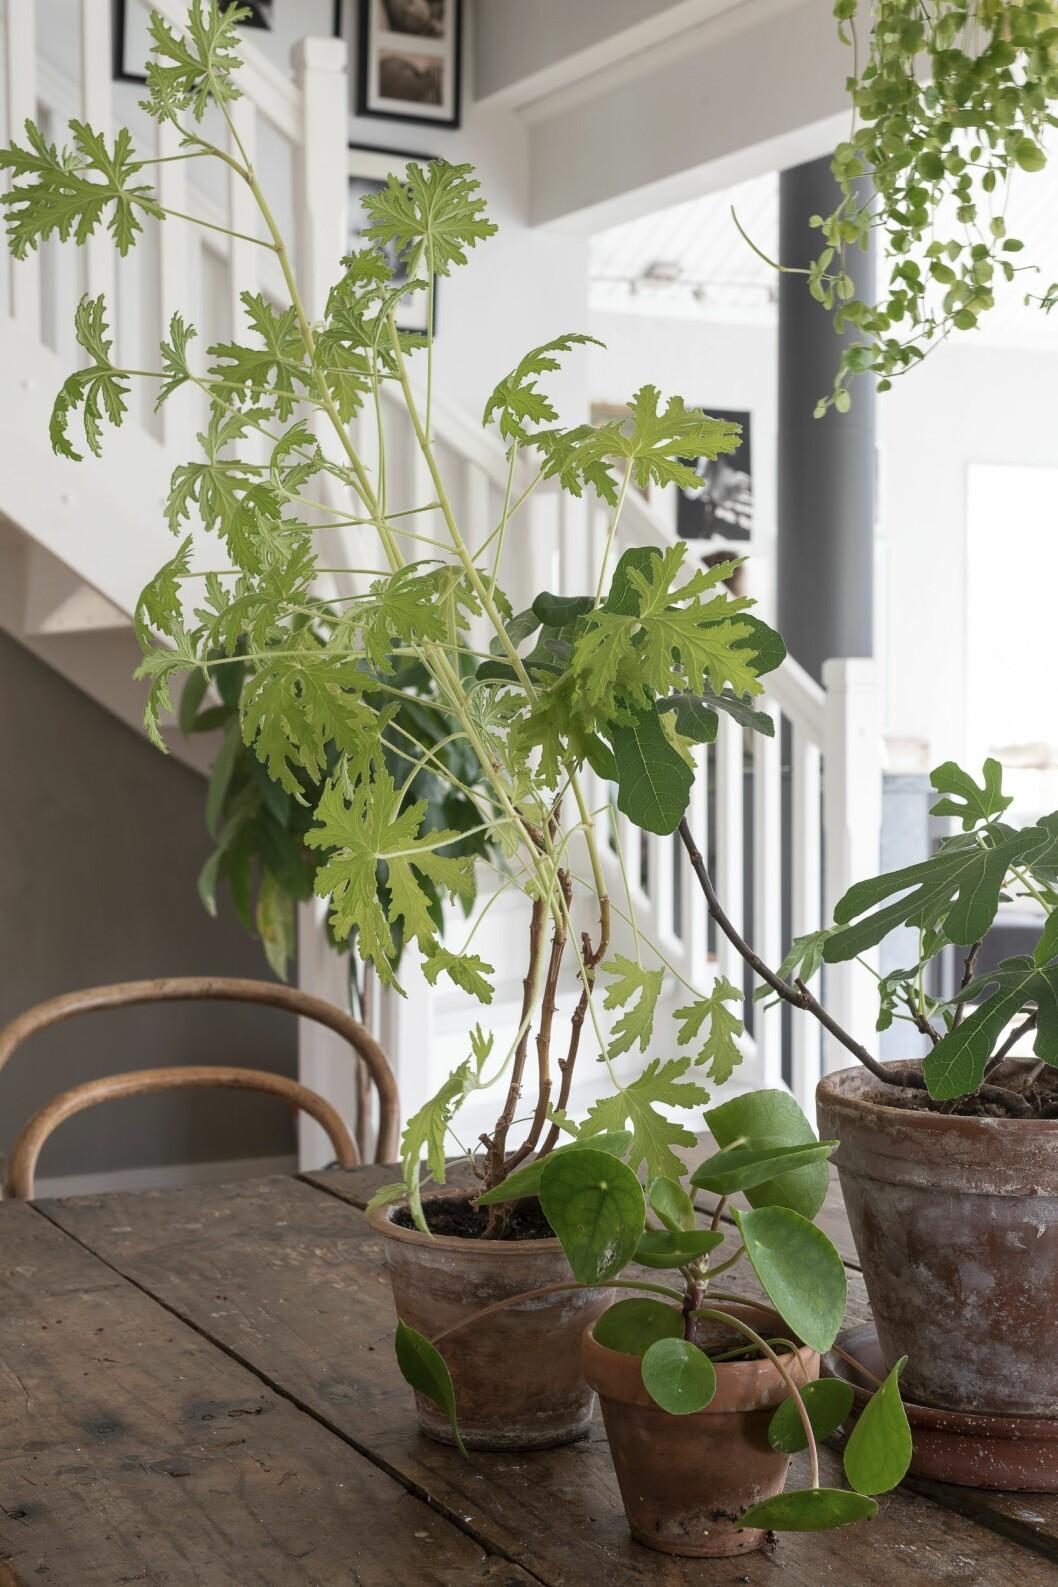 Ett trevligt tips är att gruppera några gröna krukväxter på bordet. Pelargonen Dr Westerlund, elefantöra och ett fikonträd bildar en fin trio.